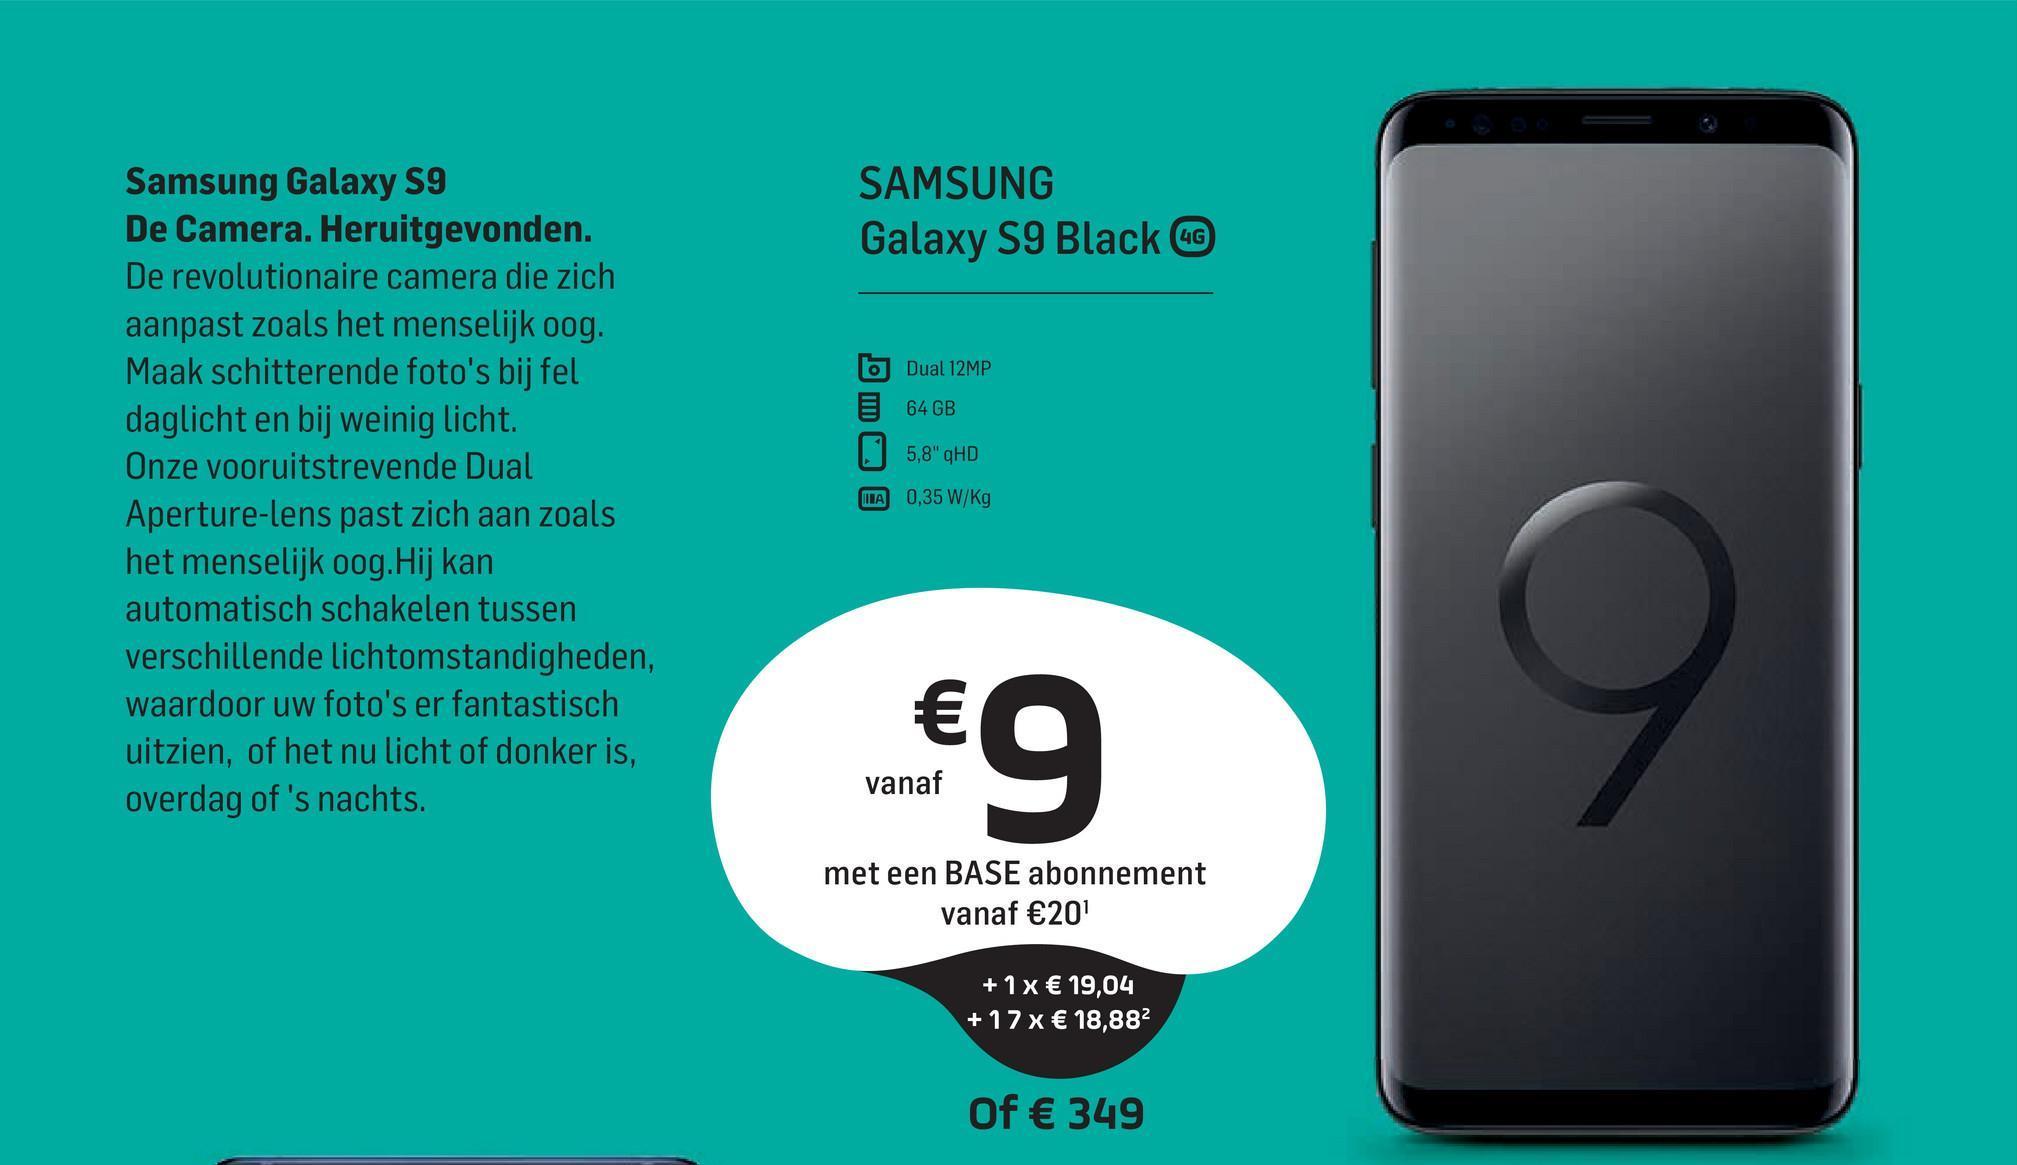 """SAMSUNG Galaxy S9 Black Samsung Galaxy S9 De Camera. Heruitgevonden. De revolutionaire camera die zich aanpast zoals het menselijk oog. Maak schitterende foto's bij fel daglicht en bij weinig licht. Onze vooruitstrevende Dual Aperture-lens past zich aan zoals het menselijk oog. Hij kan automatisch schakelen tussen verschillende lichtomstandigheden, waardoor uw foto's er fantastisch uitzien, of het nu licht of donker is, overdag of 's nachts. Dual 12MP 64 GB 5,8"""" HD A 0,35 W/Kg 9 vanaf met een BASE abonnement vanaf €20 + 1x € 19,04 + 17 x € 18,882 Of € 349"""